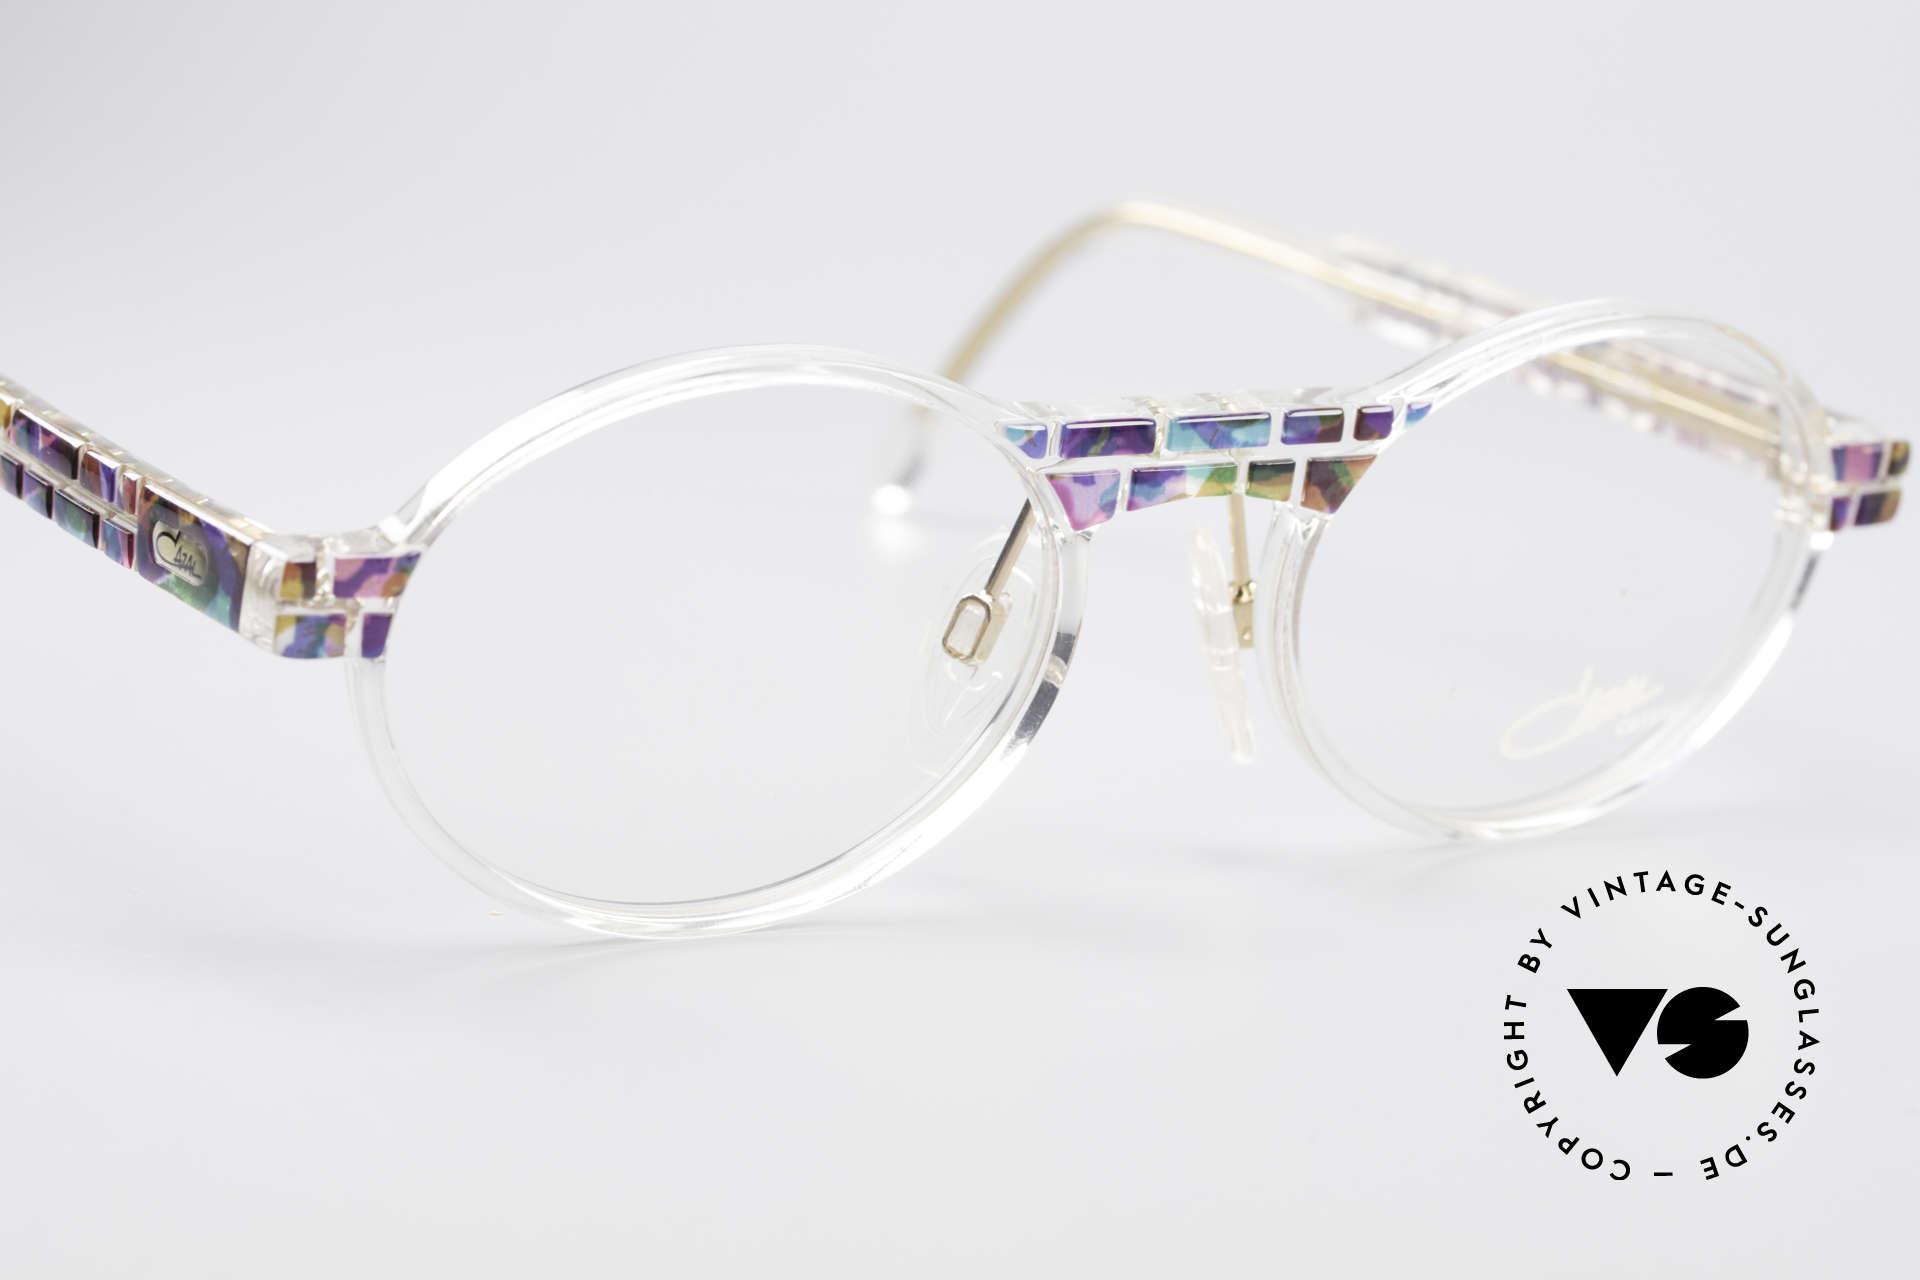 Cazal 510 Crystal Limited Ovale Brille, ungetragen (wie alle unsere vintage CAZAL Brillen), Passend für Herren und Damen